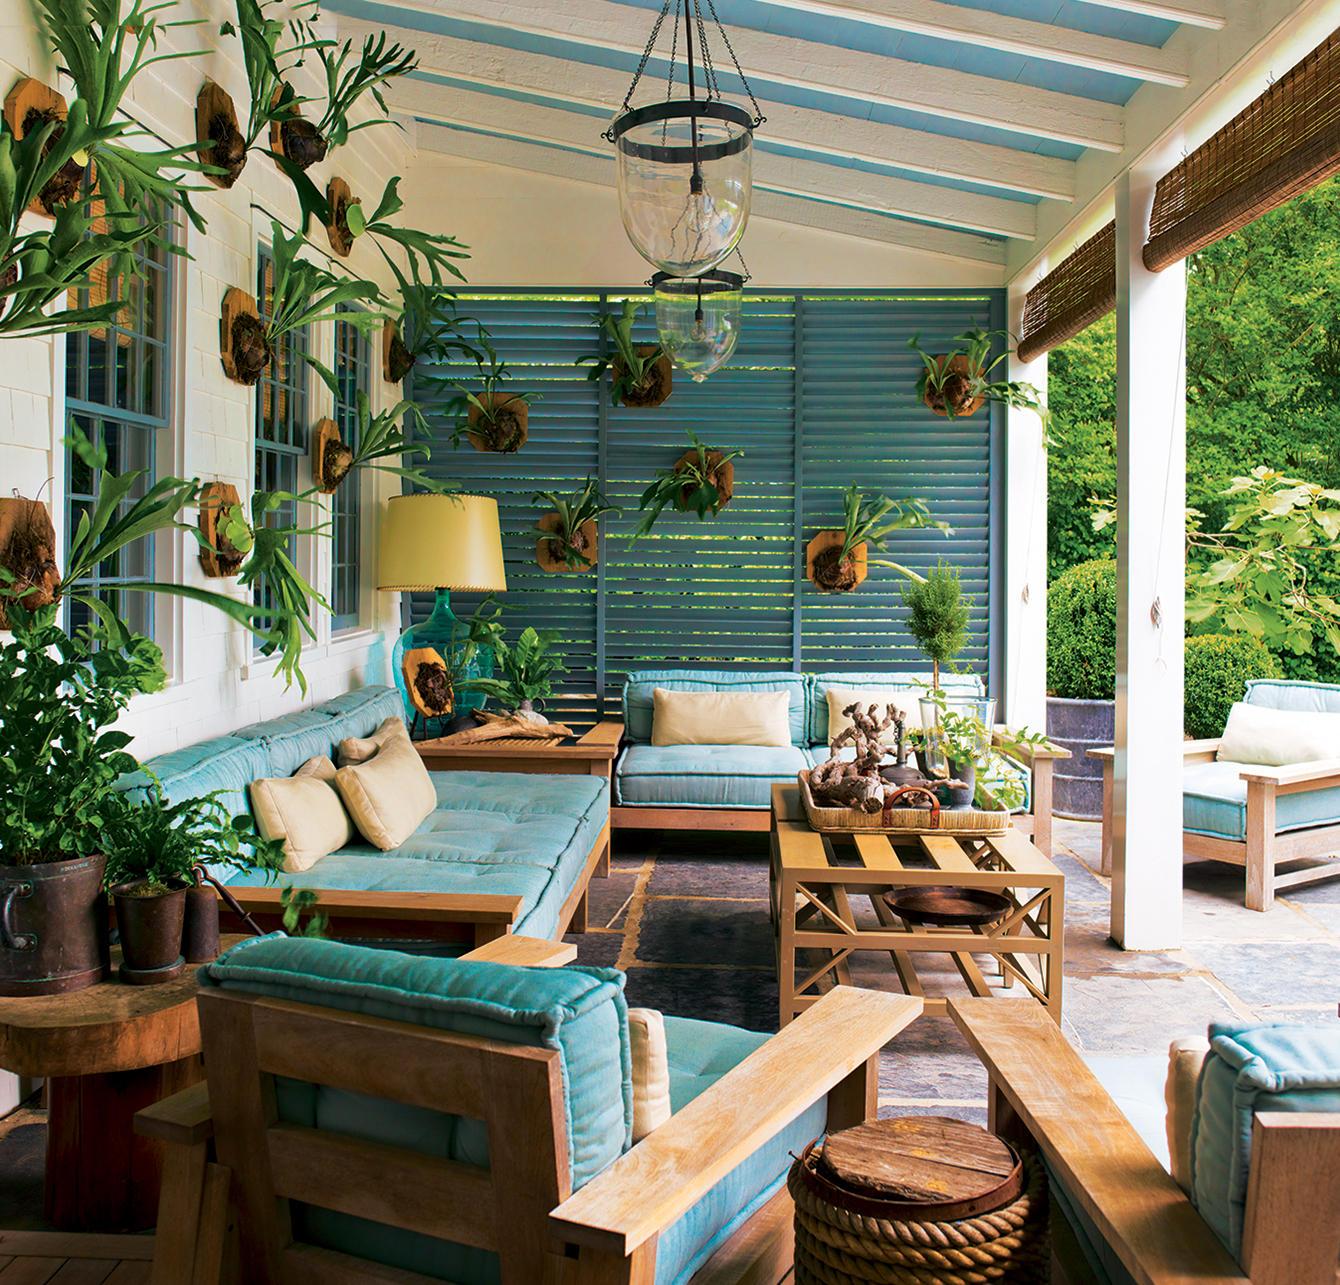 Die Schönsten Ideen Für Die Terrasse: Deko Für Balkon Und Terrasse: Die Schönsten Ideen